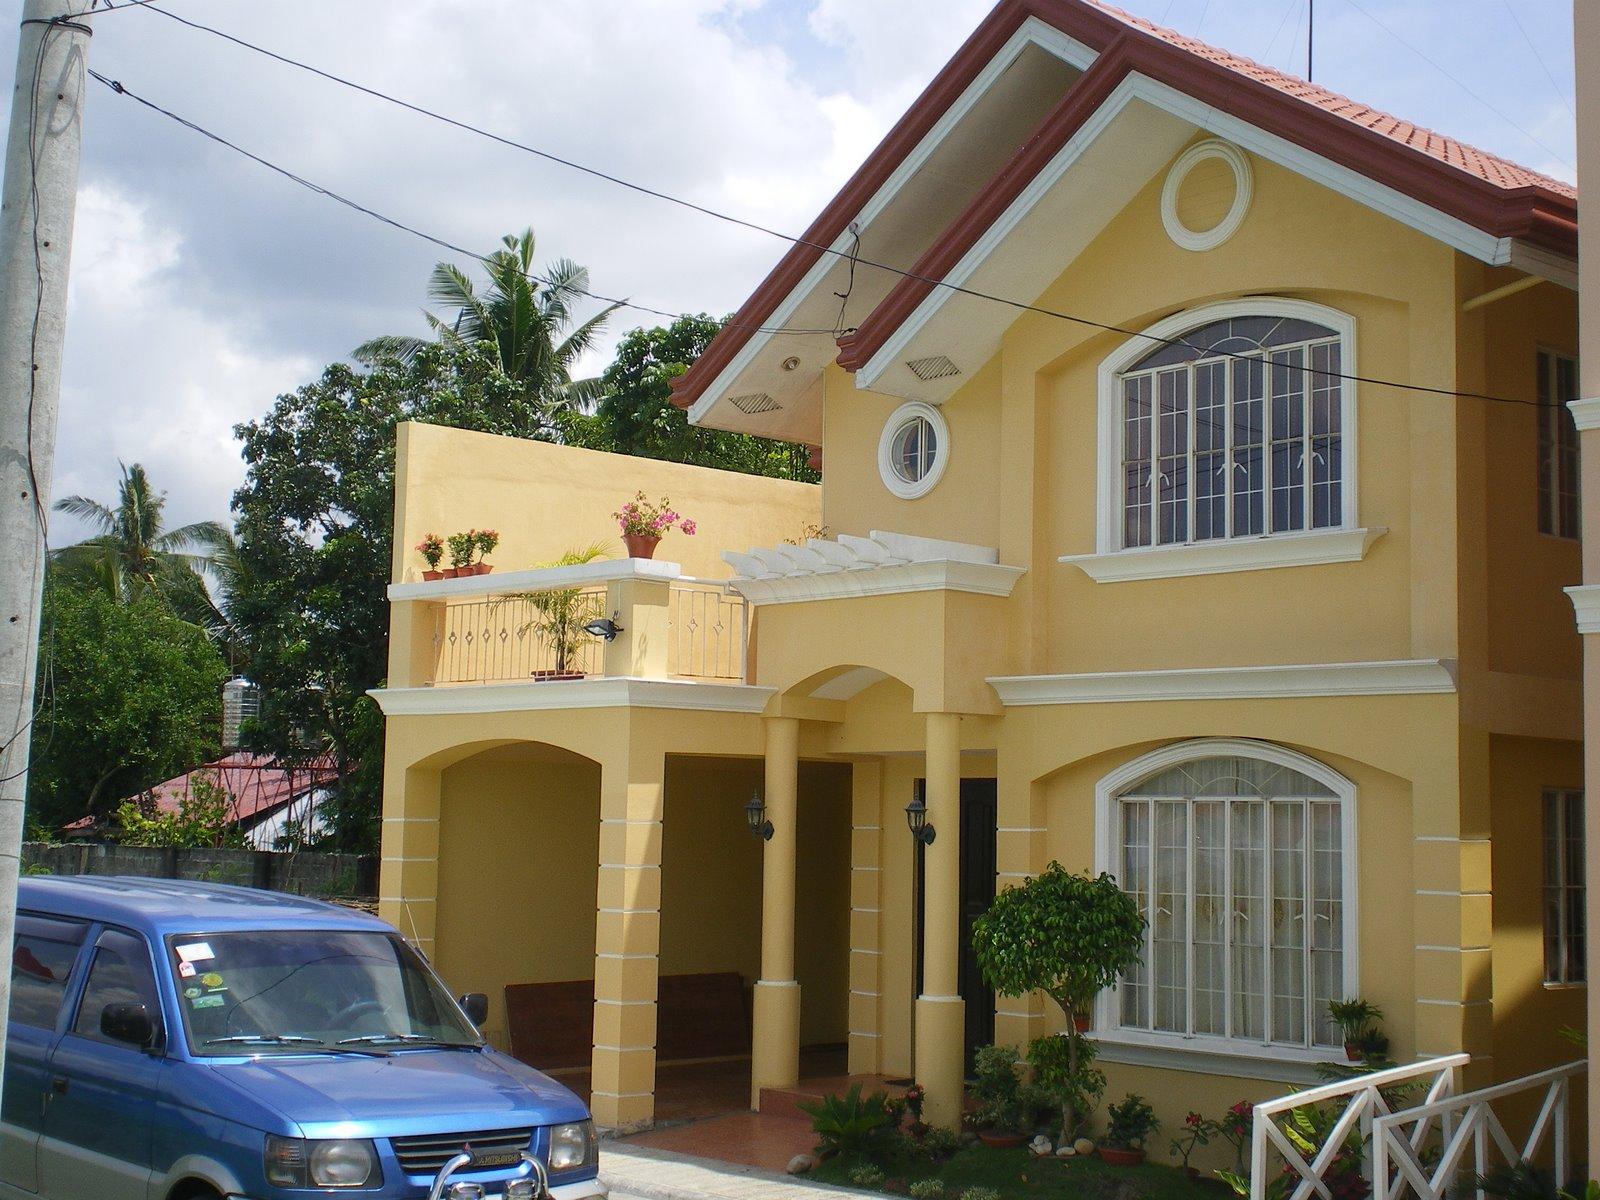 Centennial villas iloilo by eon realty and development corp in brgy sta cruz villa arevalo in iloilo city philippines